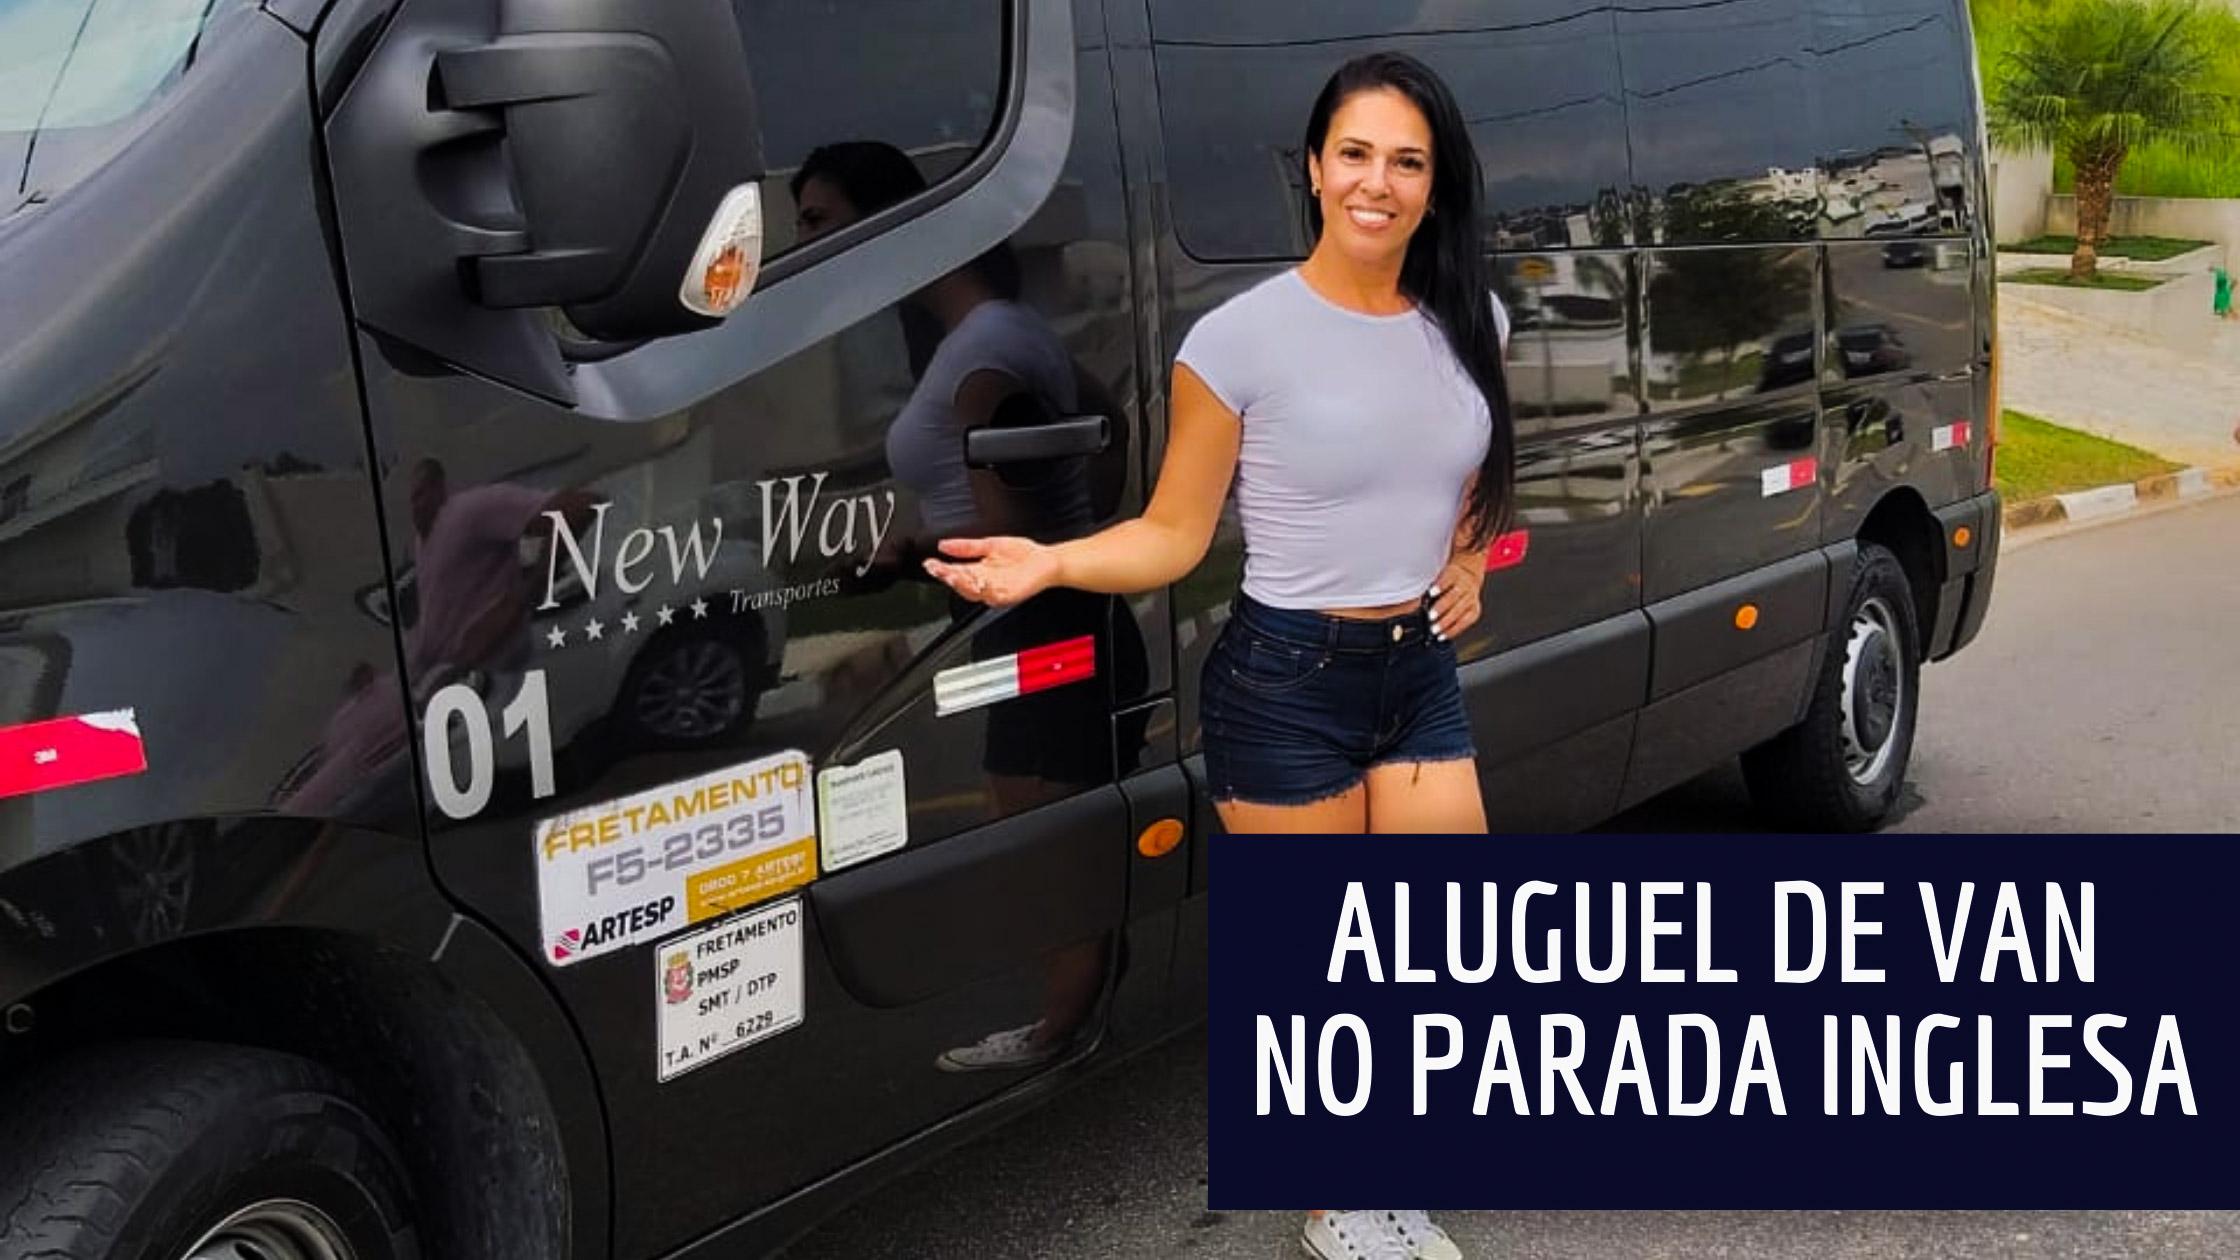 Aluguel-de-van-no-Parada-Inglesa